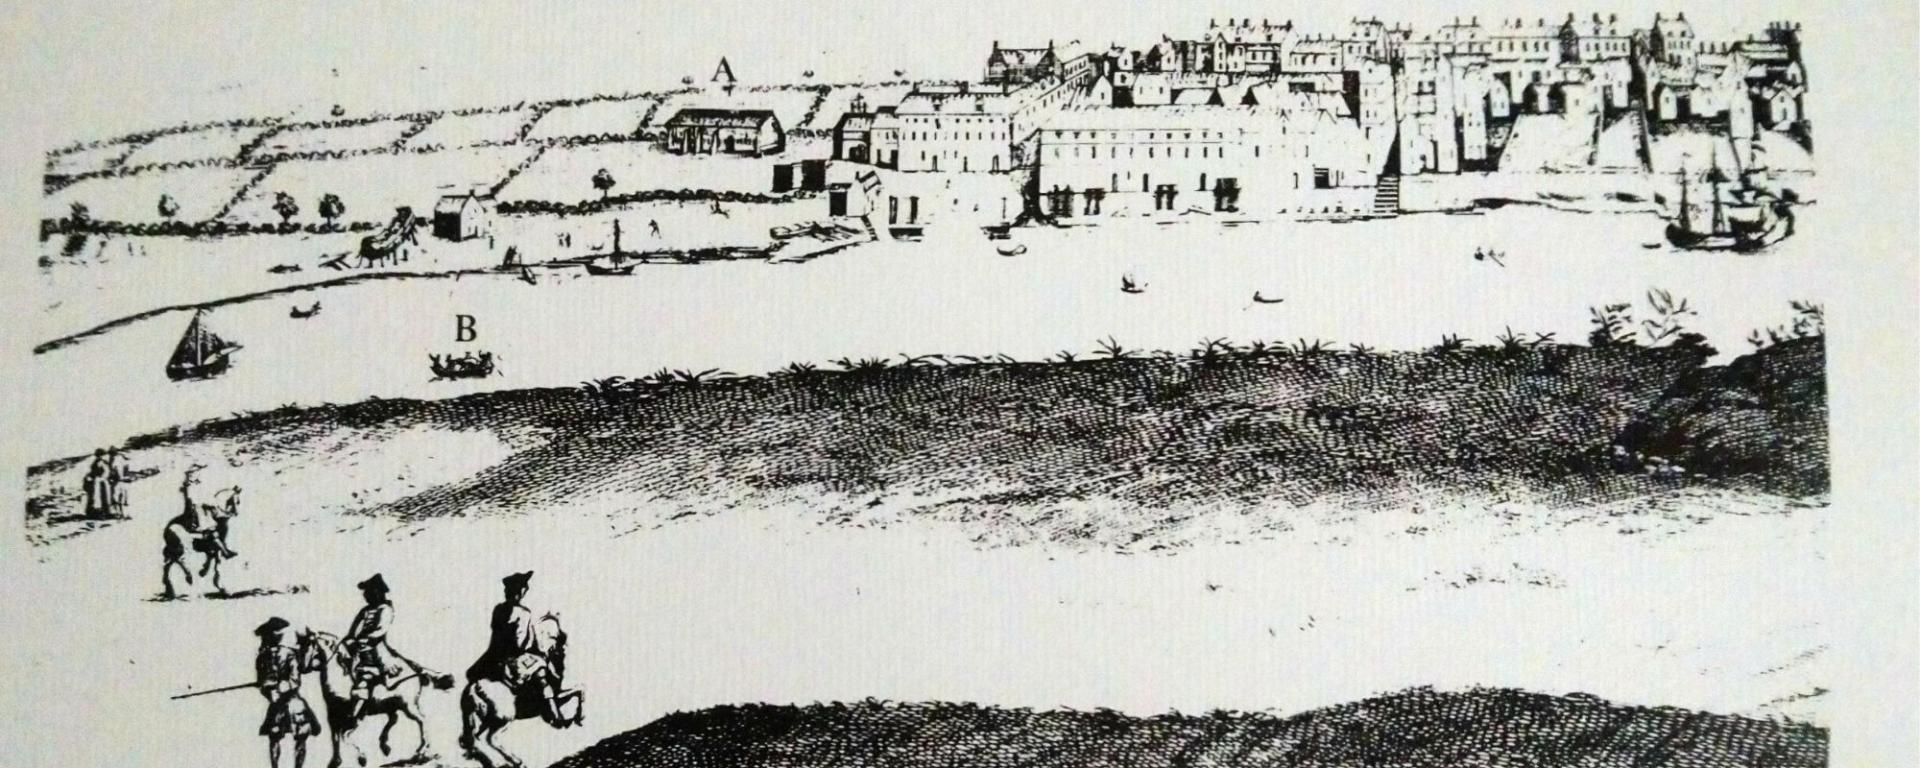 Image of Stockton Castle